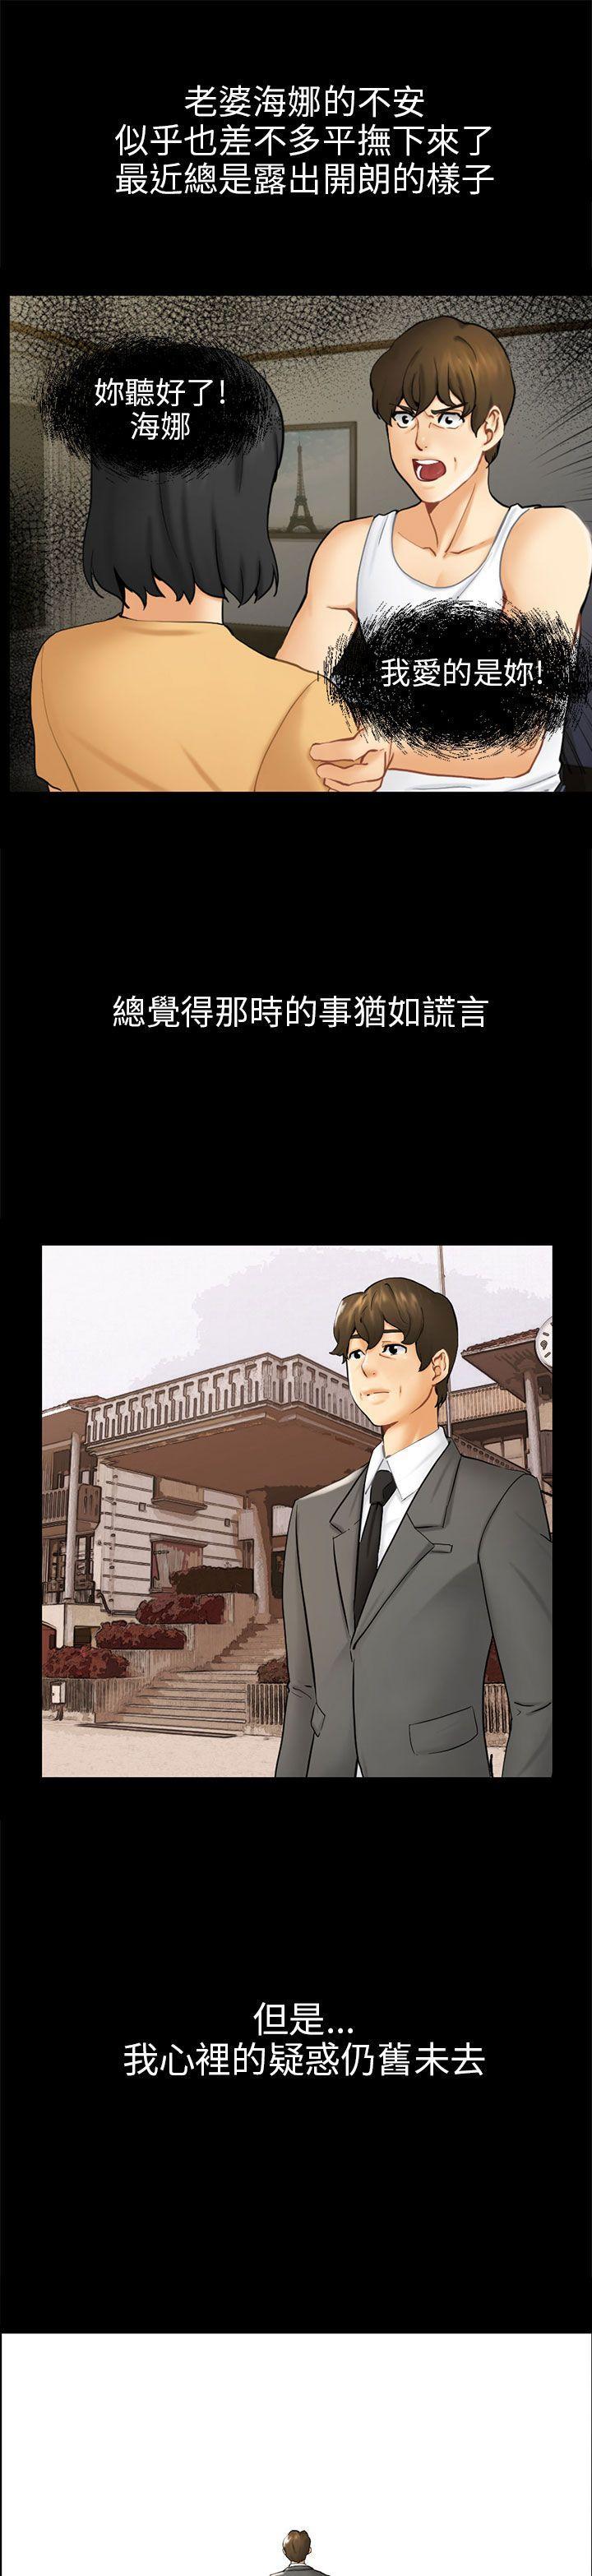 騙局-第3話 秘密全彩韩漫标签